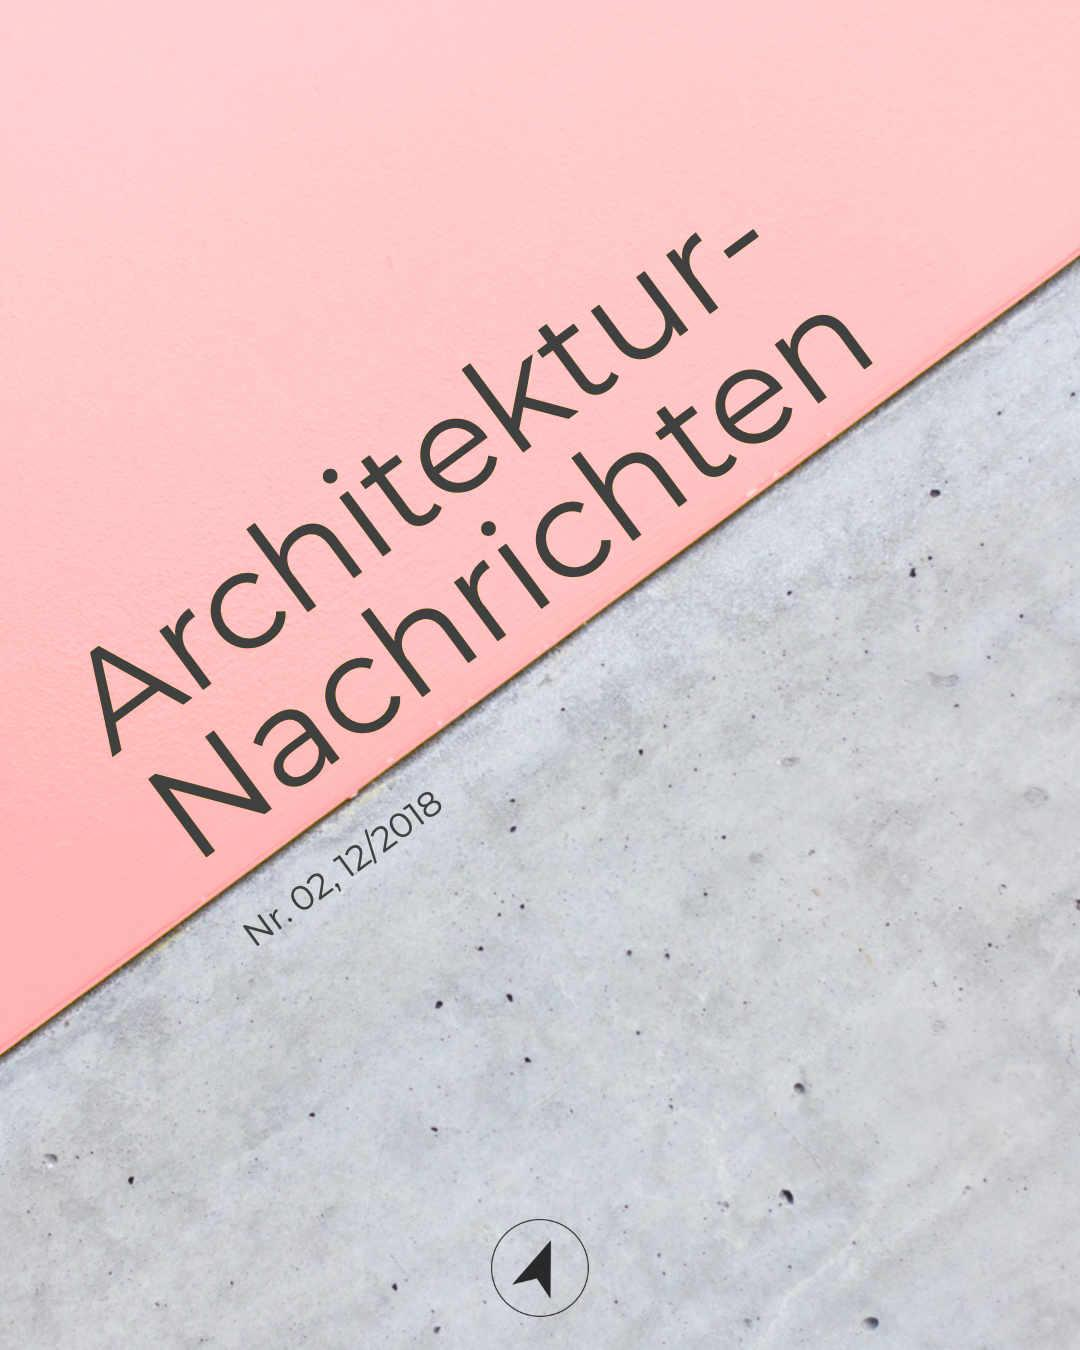 Architektur-Nachrichten | © Anett Ring, Architektur-studieren.info